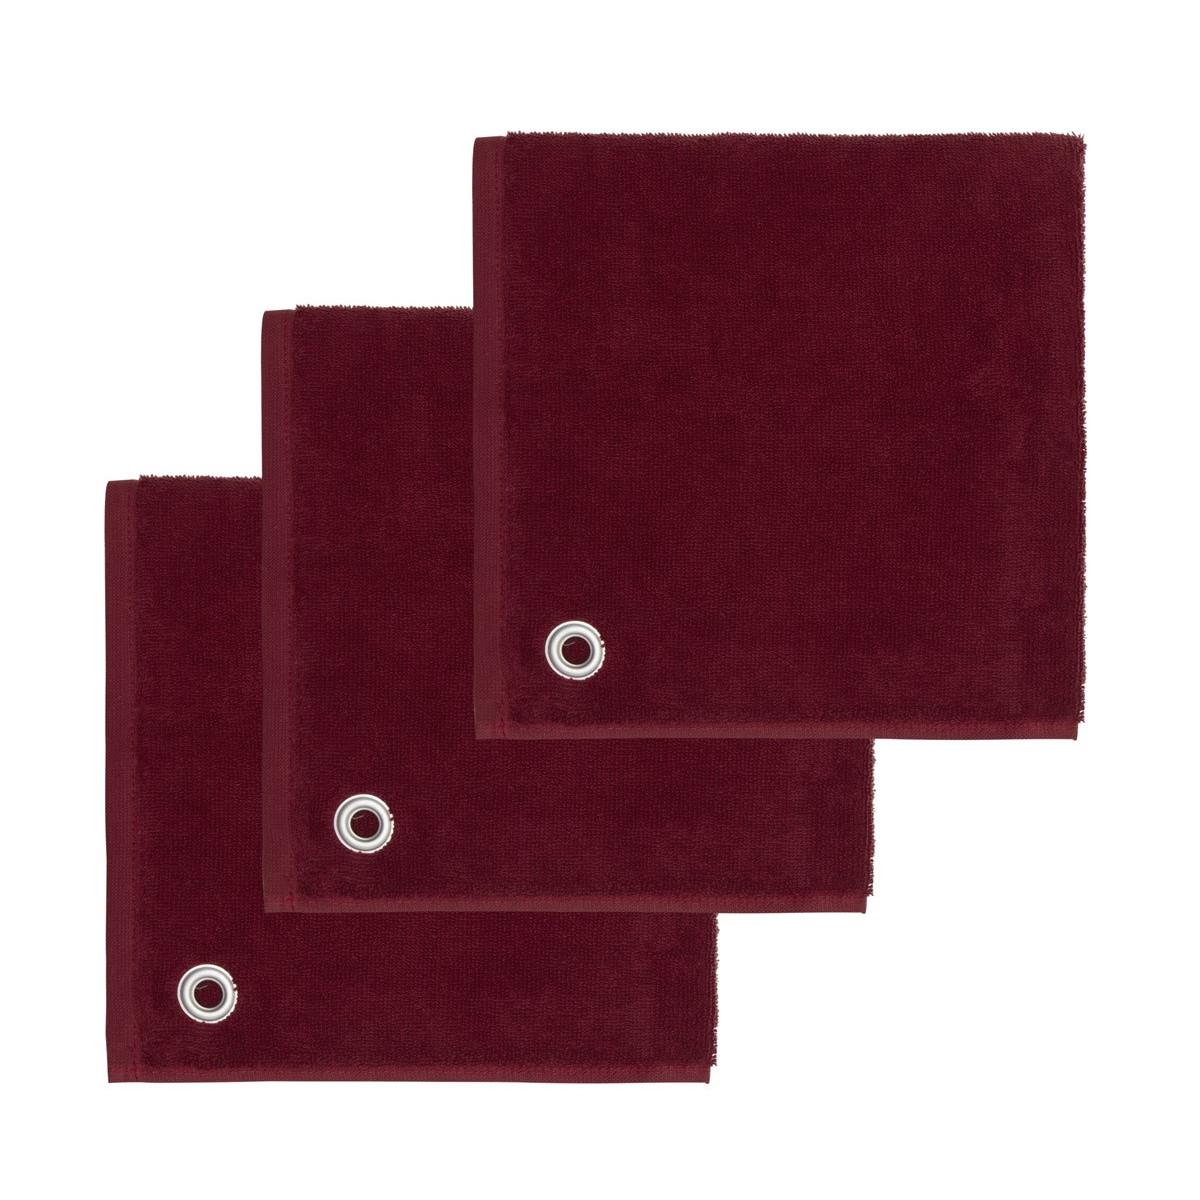 AMAIA - Lot de 3 torchons carrés avec œille Cardinal 50x50 cm